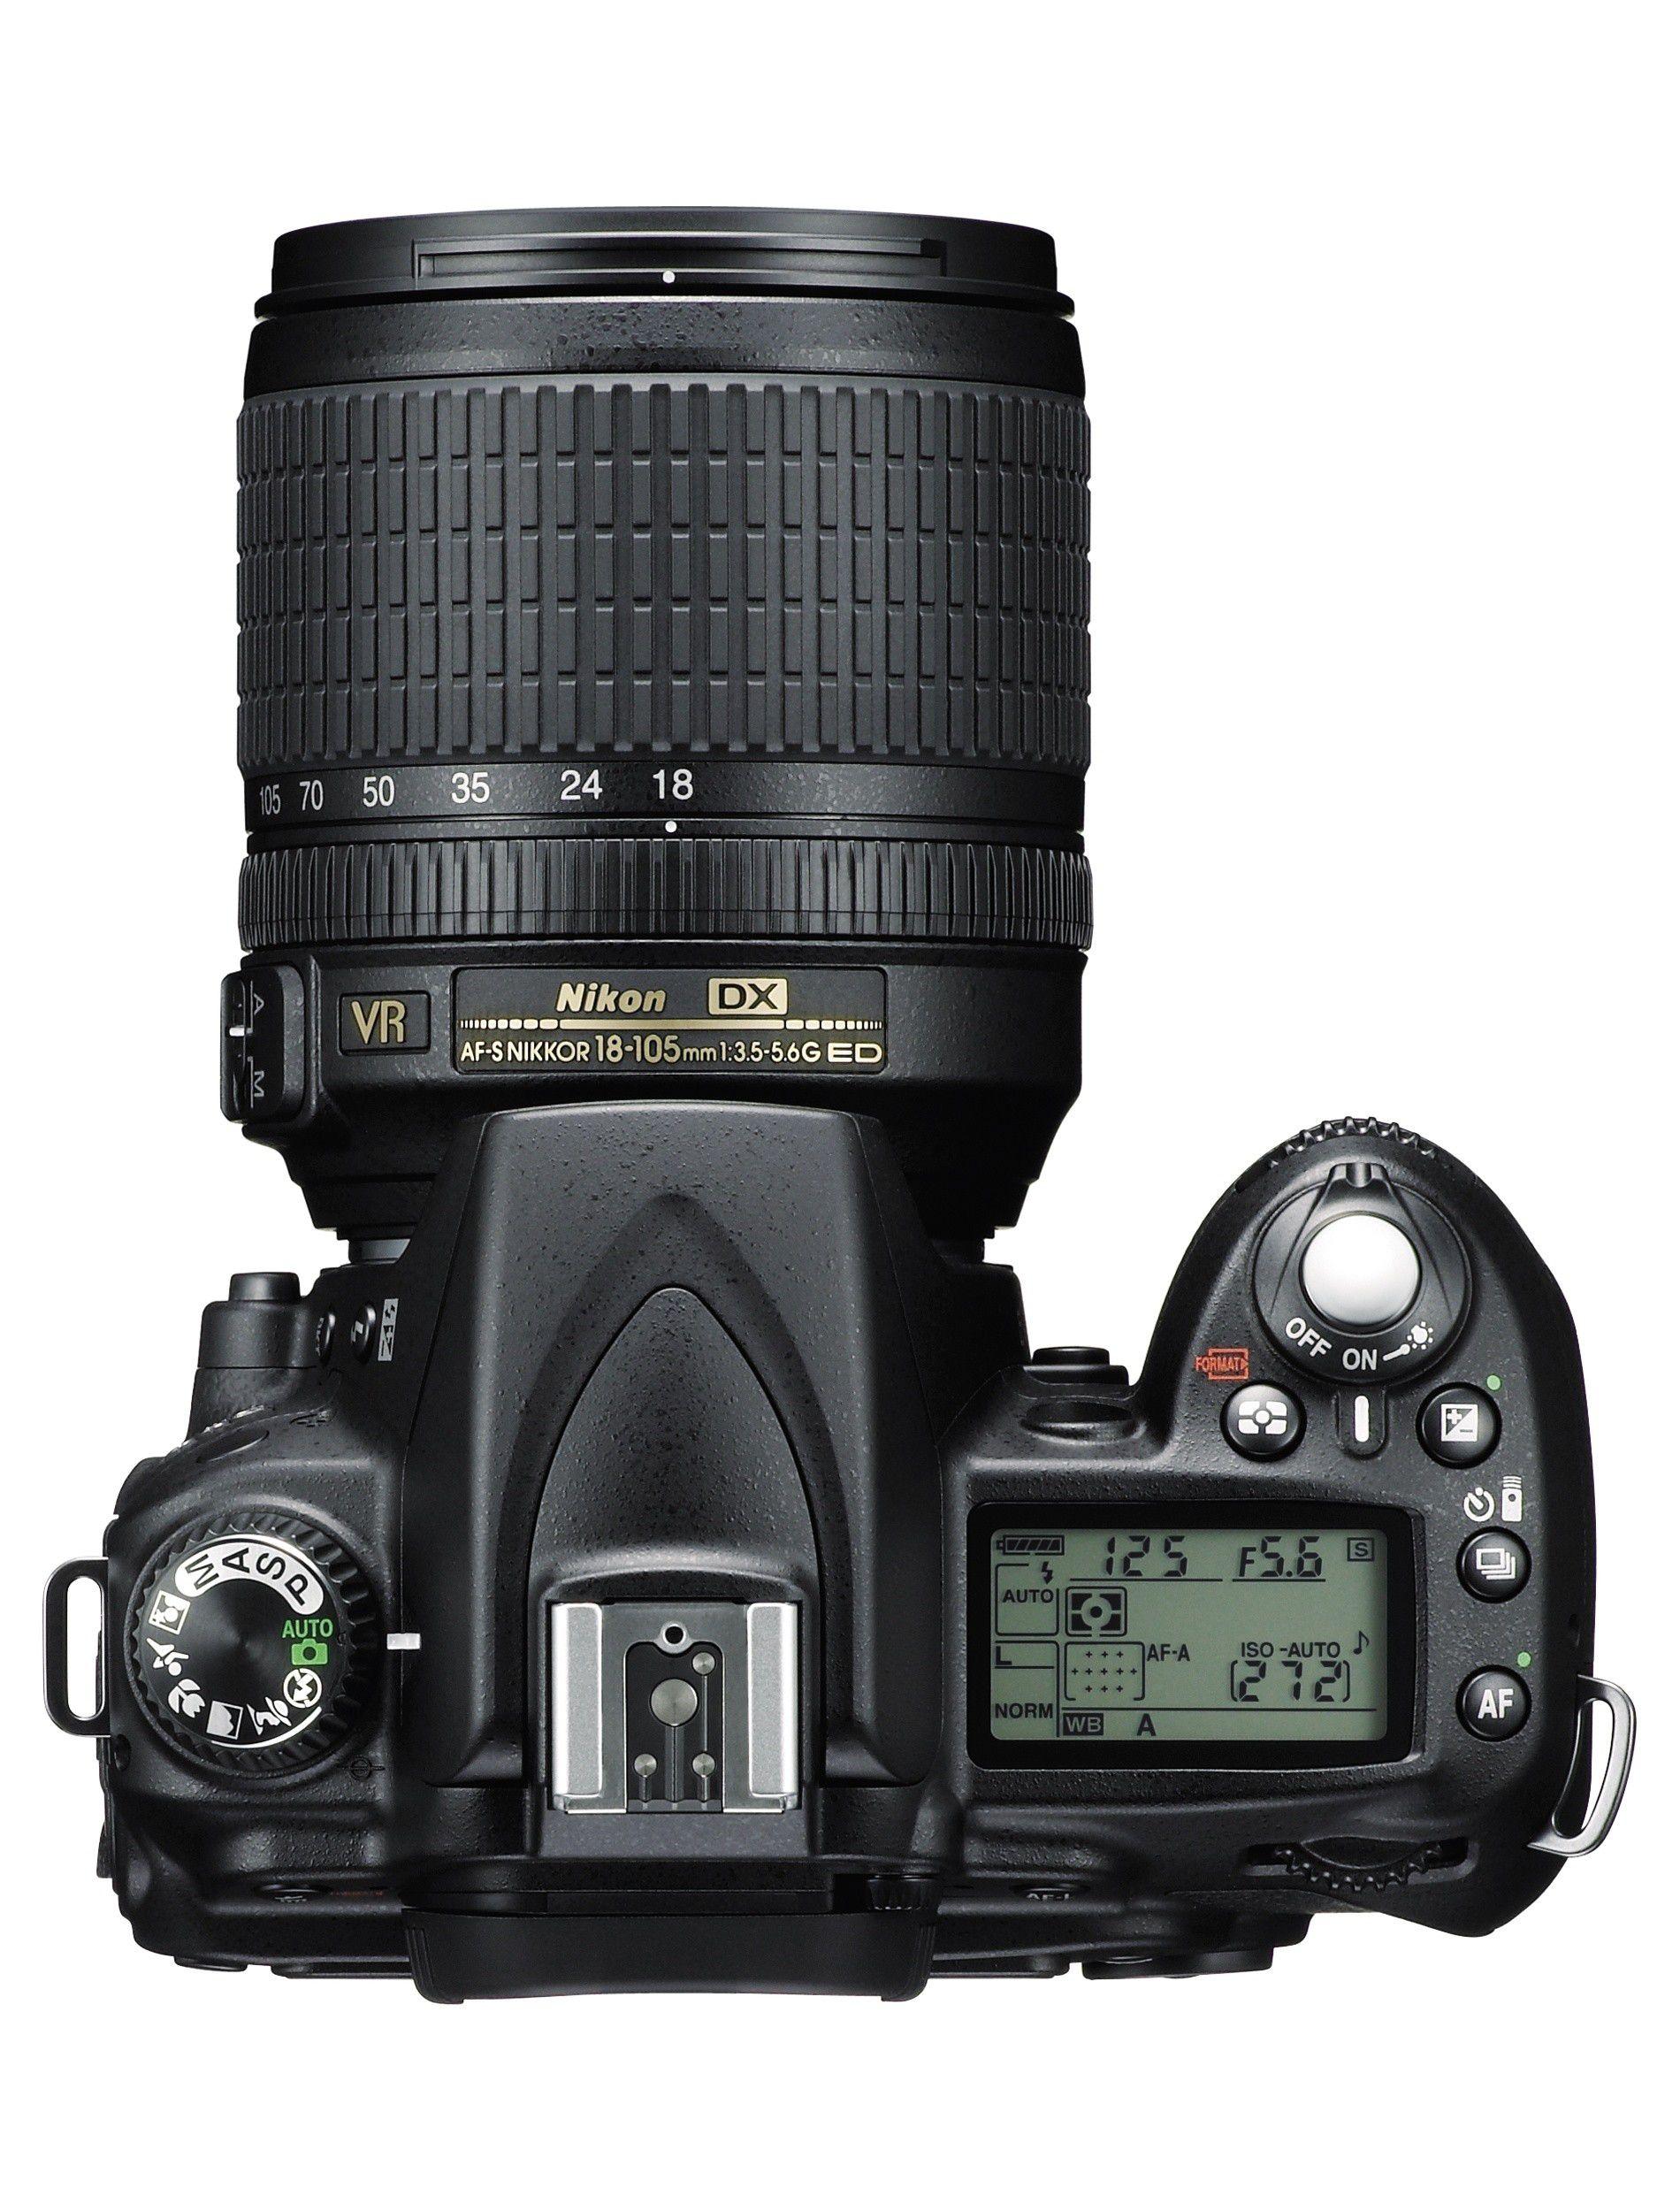 Nikon D90 - Macwelt